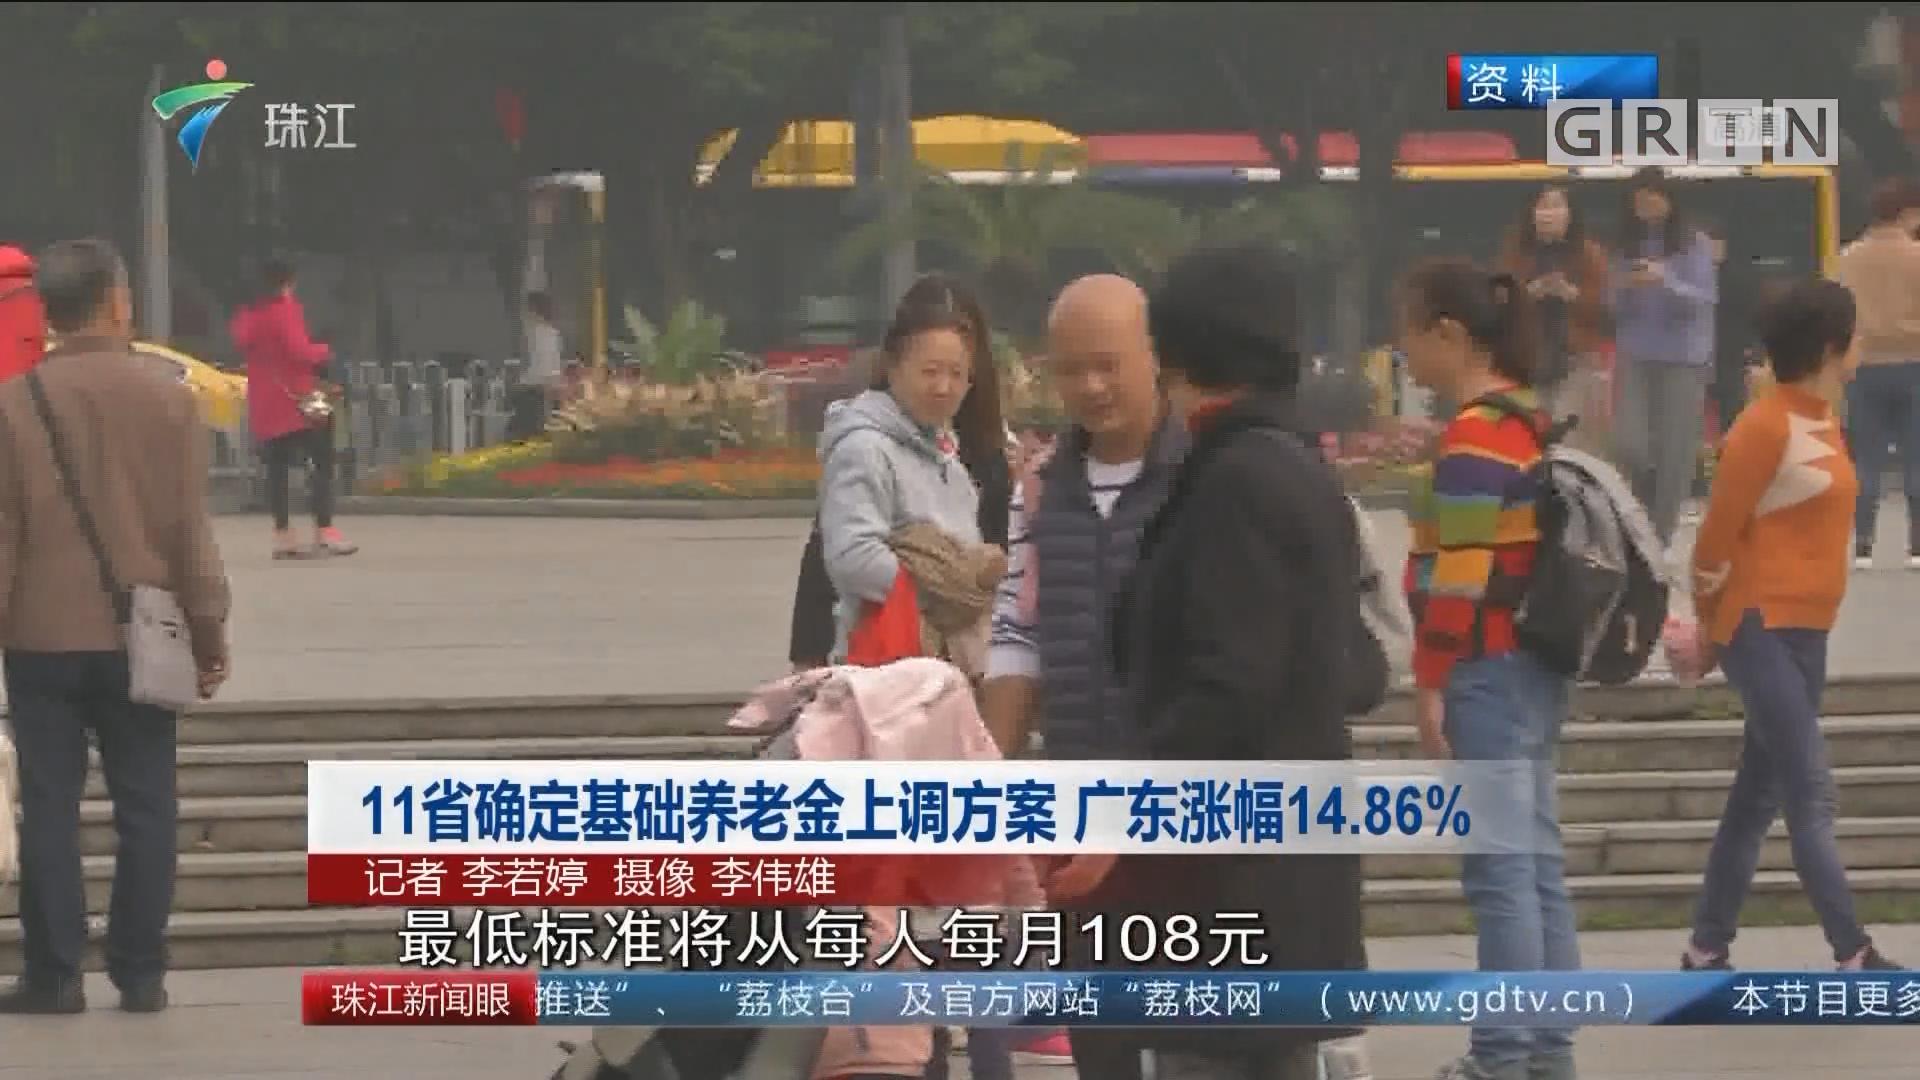 11省确定基础养老金上调方案 广东涨幅14.86%